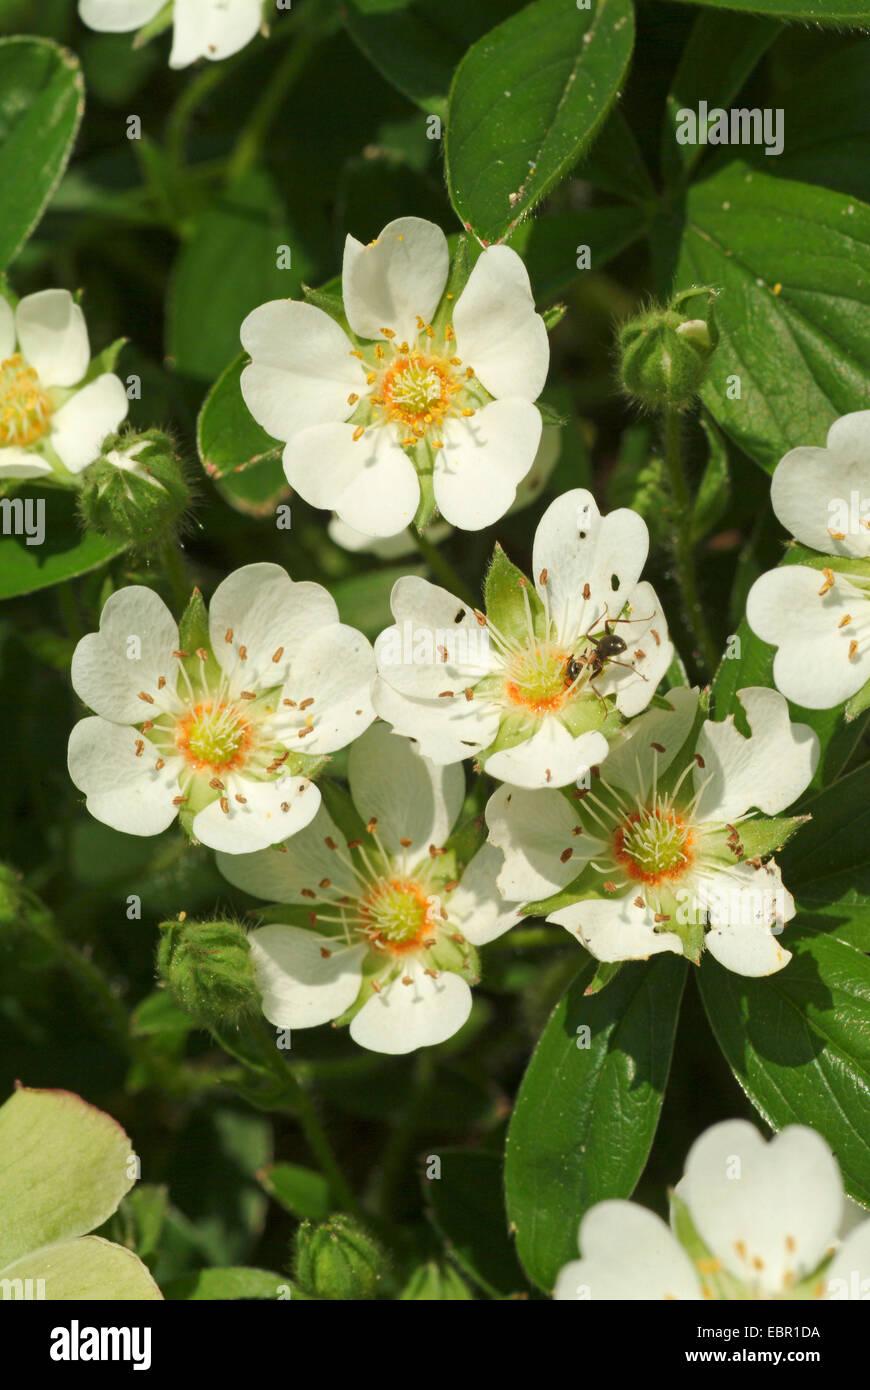 White Cinquefoil (Potentilla alba), blooming, Germany Stock Photo